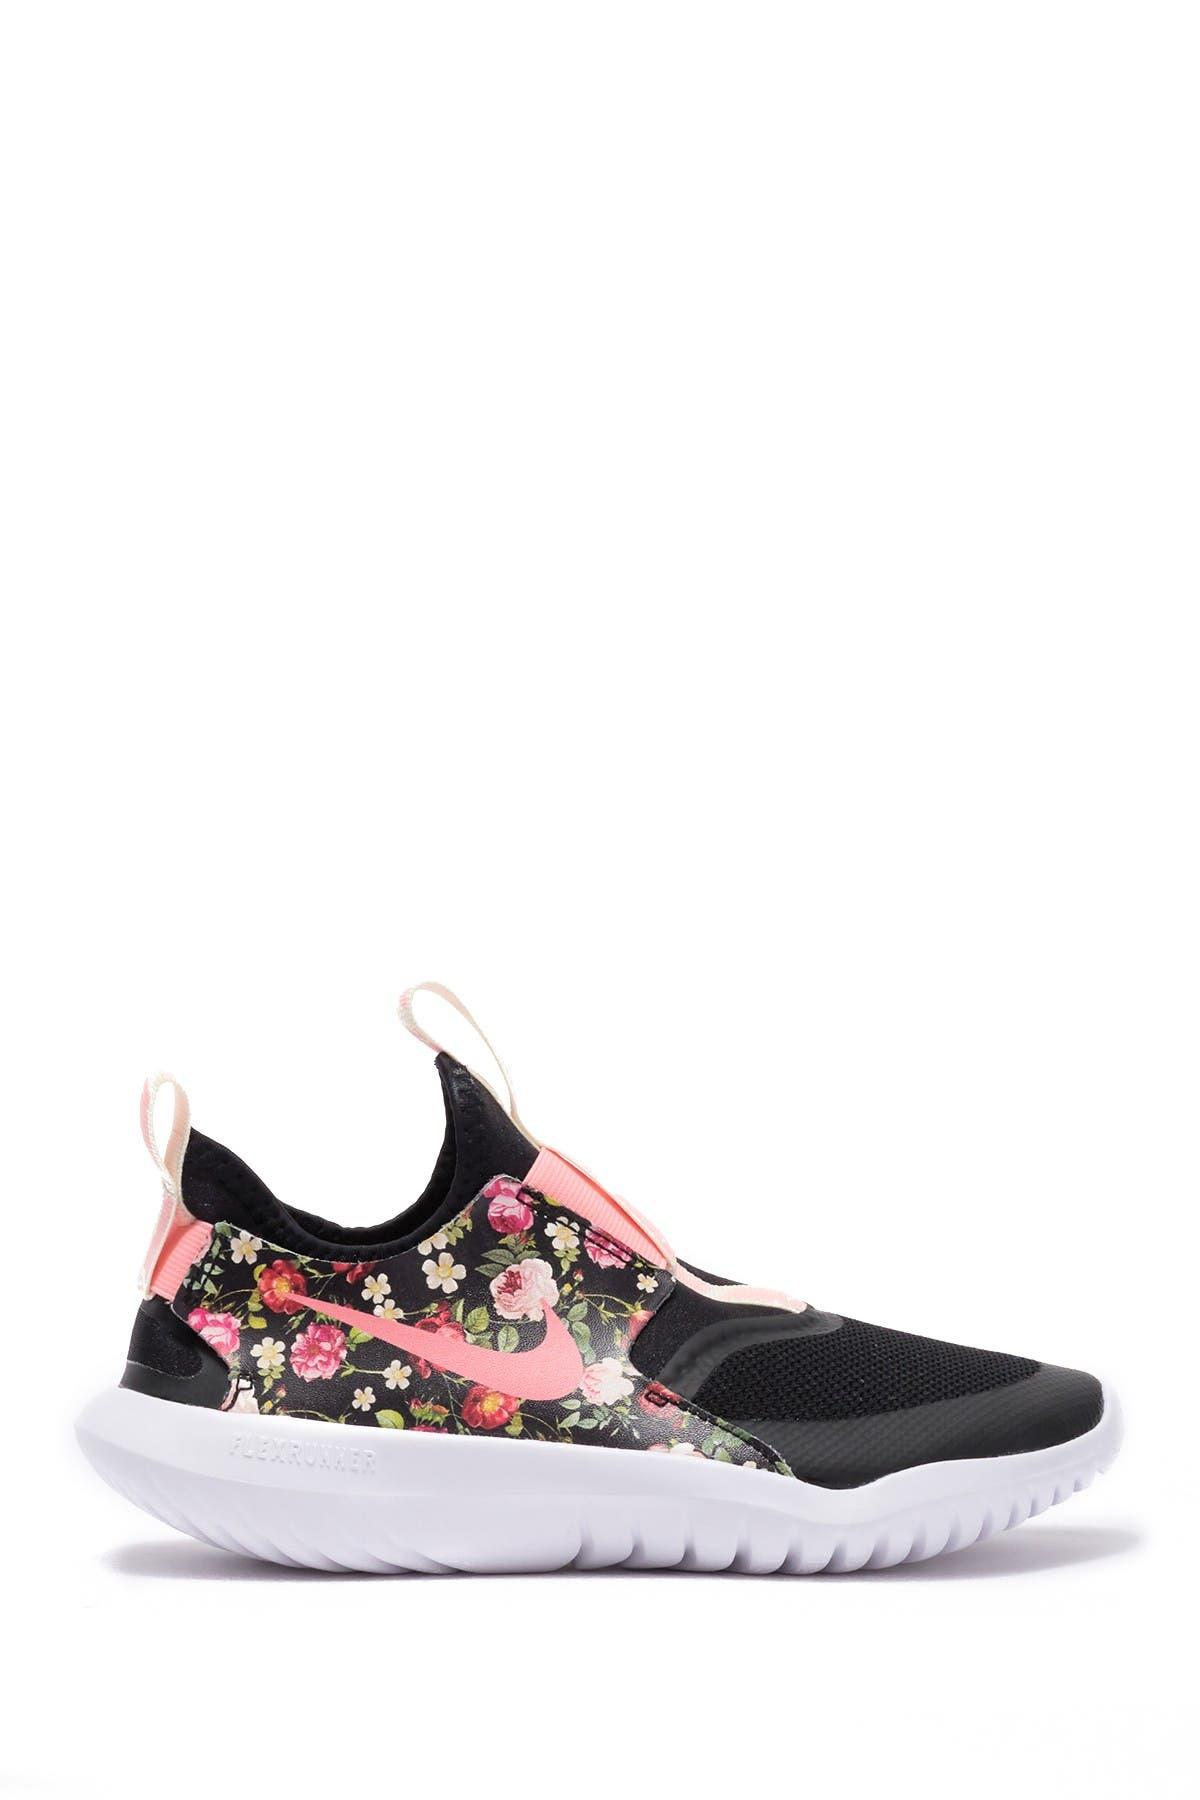 Nike   Flex Runner Vintage Floral